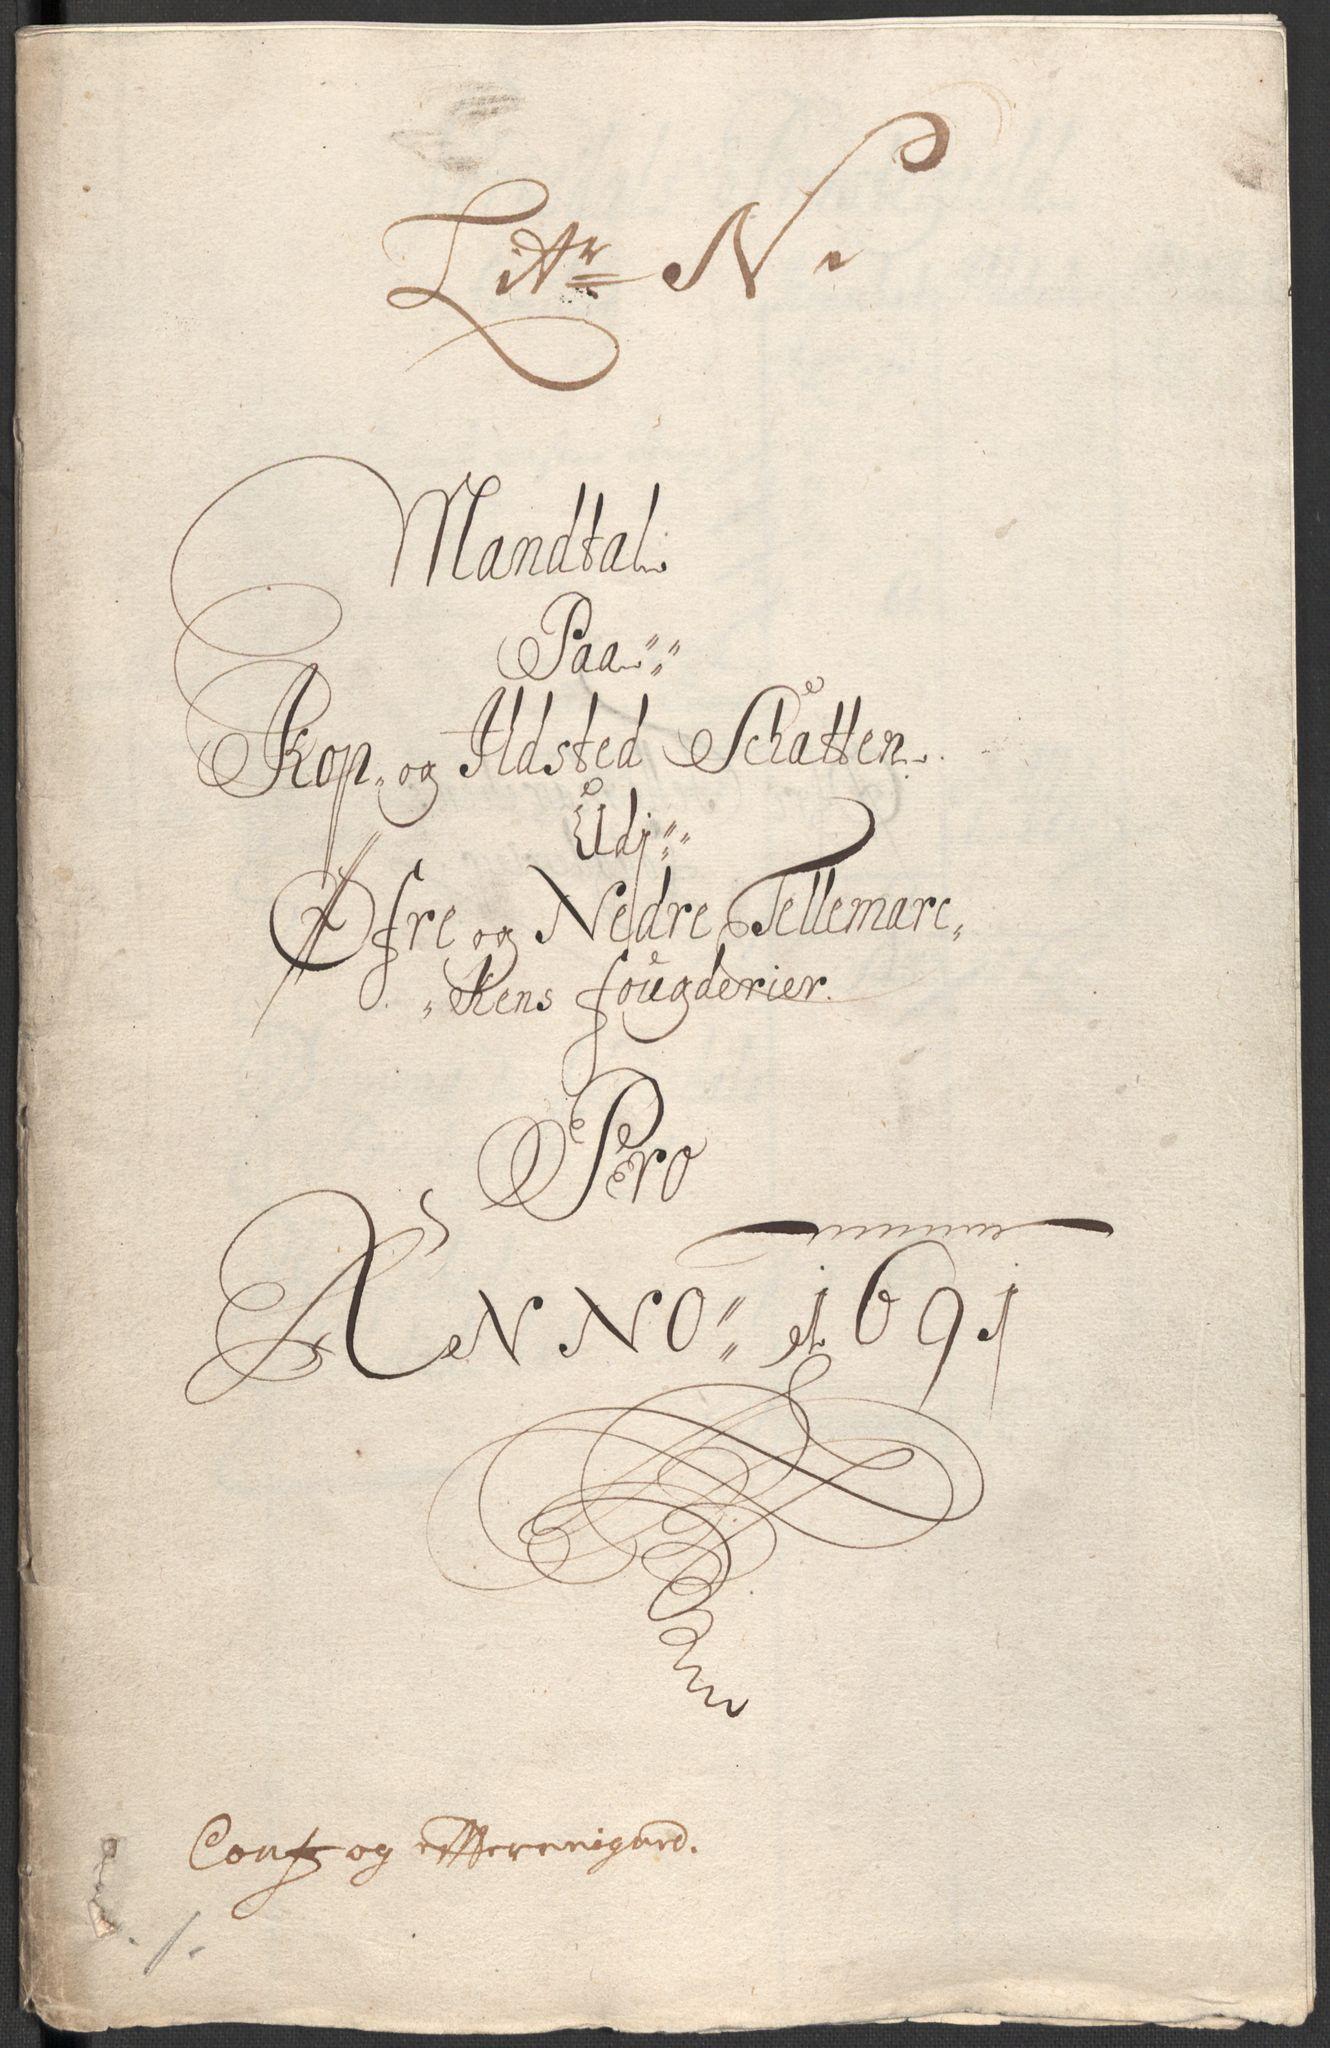 RA, Rentekammeret inntil 1814, Reviderte regnskaper, Fogderegnskap, R35/L2089: Fogderegnskap Øvre og Nedre Telemark, 1690-1692, s. 458